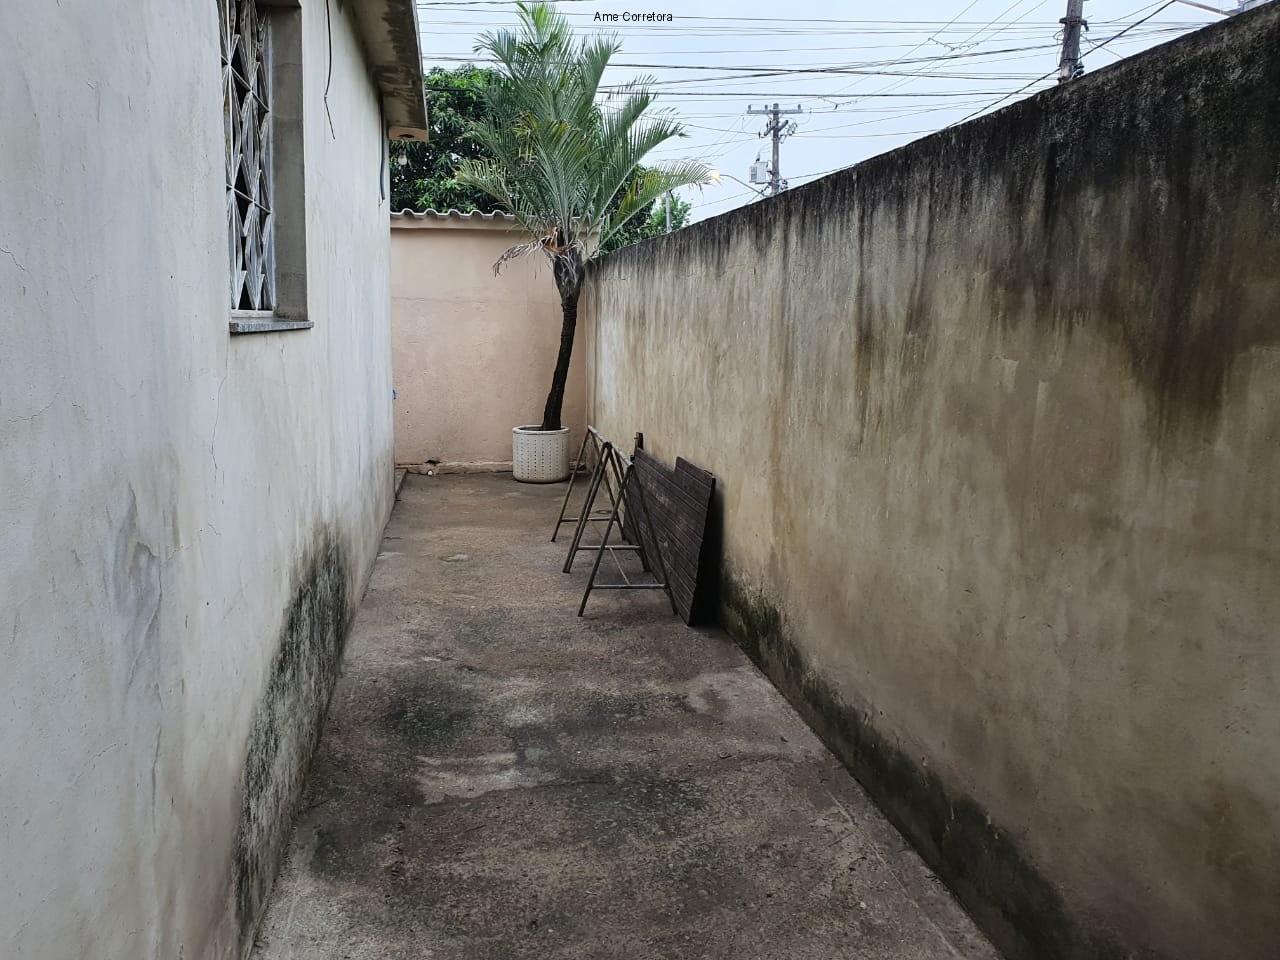 FOTO 17 - Casa 2 quartos à venda Inhoaíba, Rio de Janeiro - R$ 160.000 - CA00760 - 18